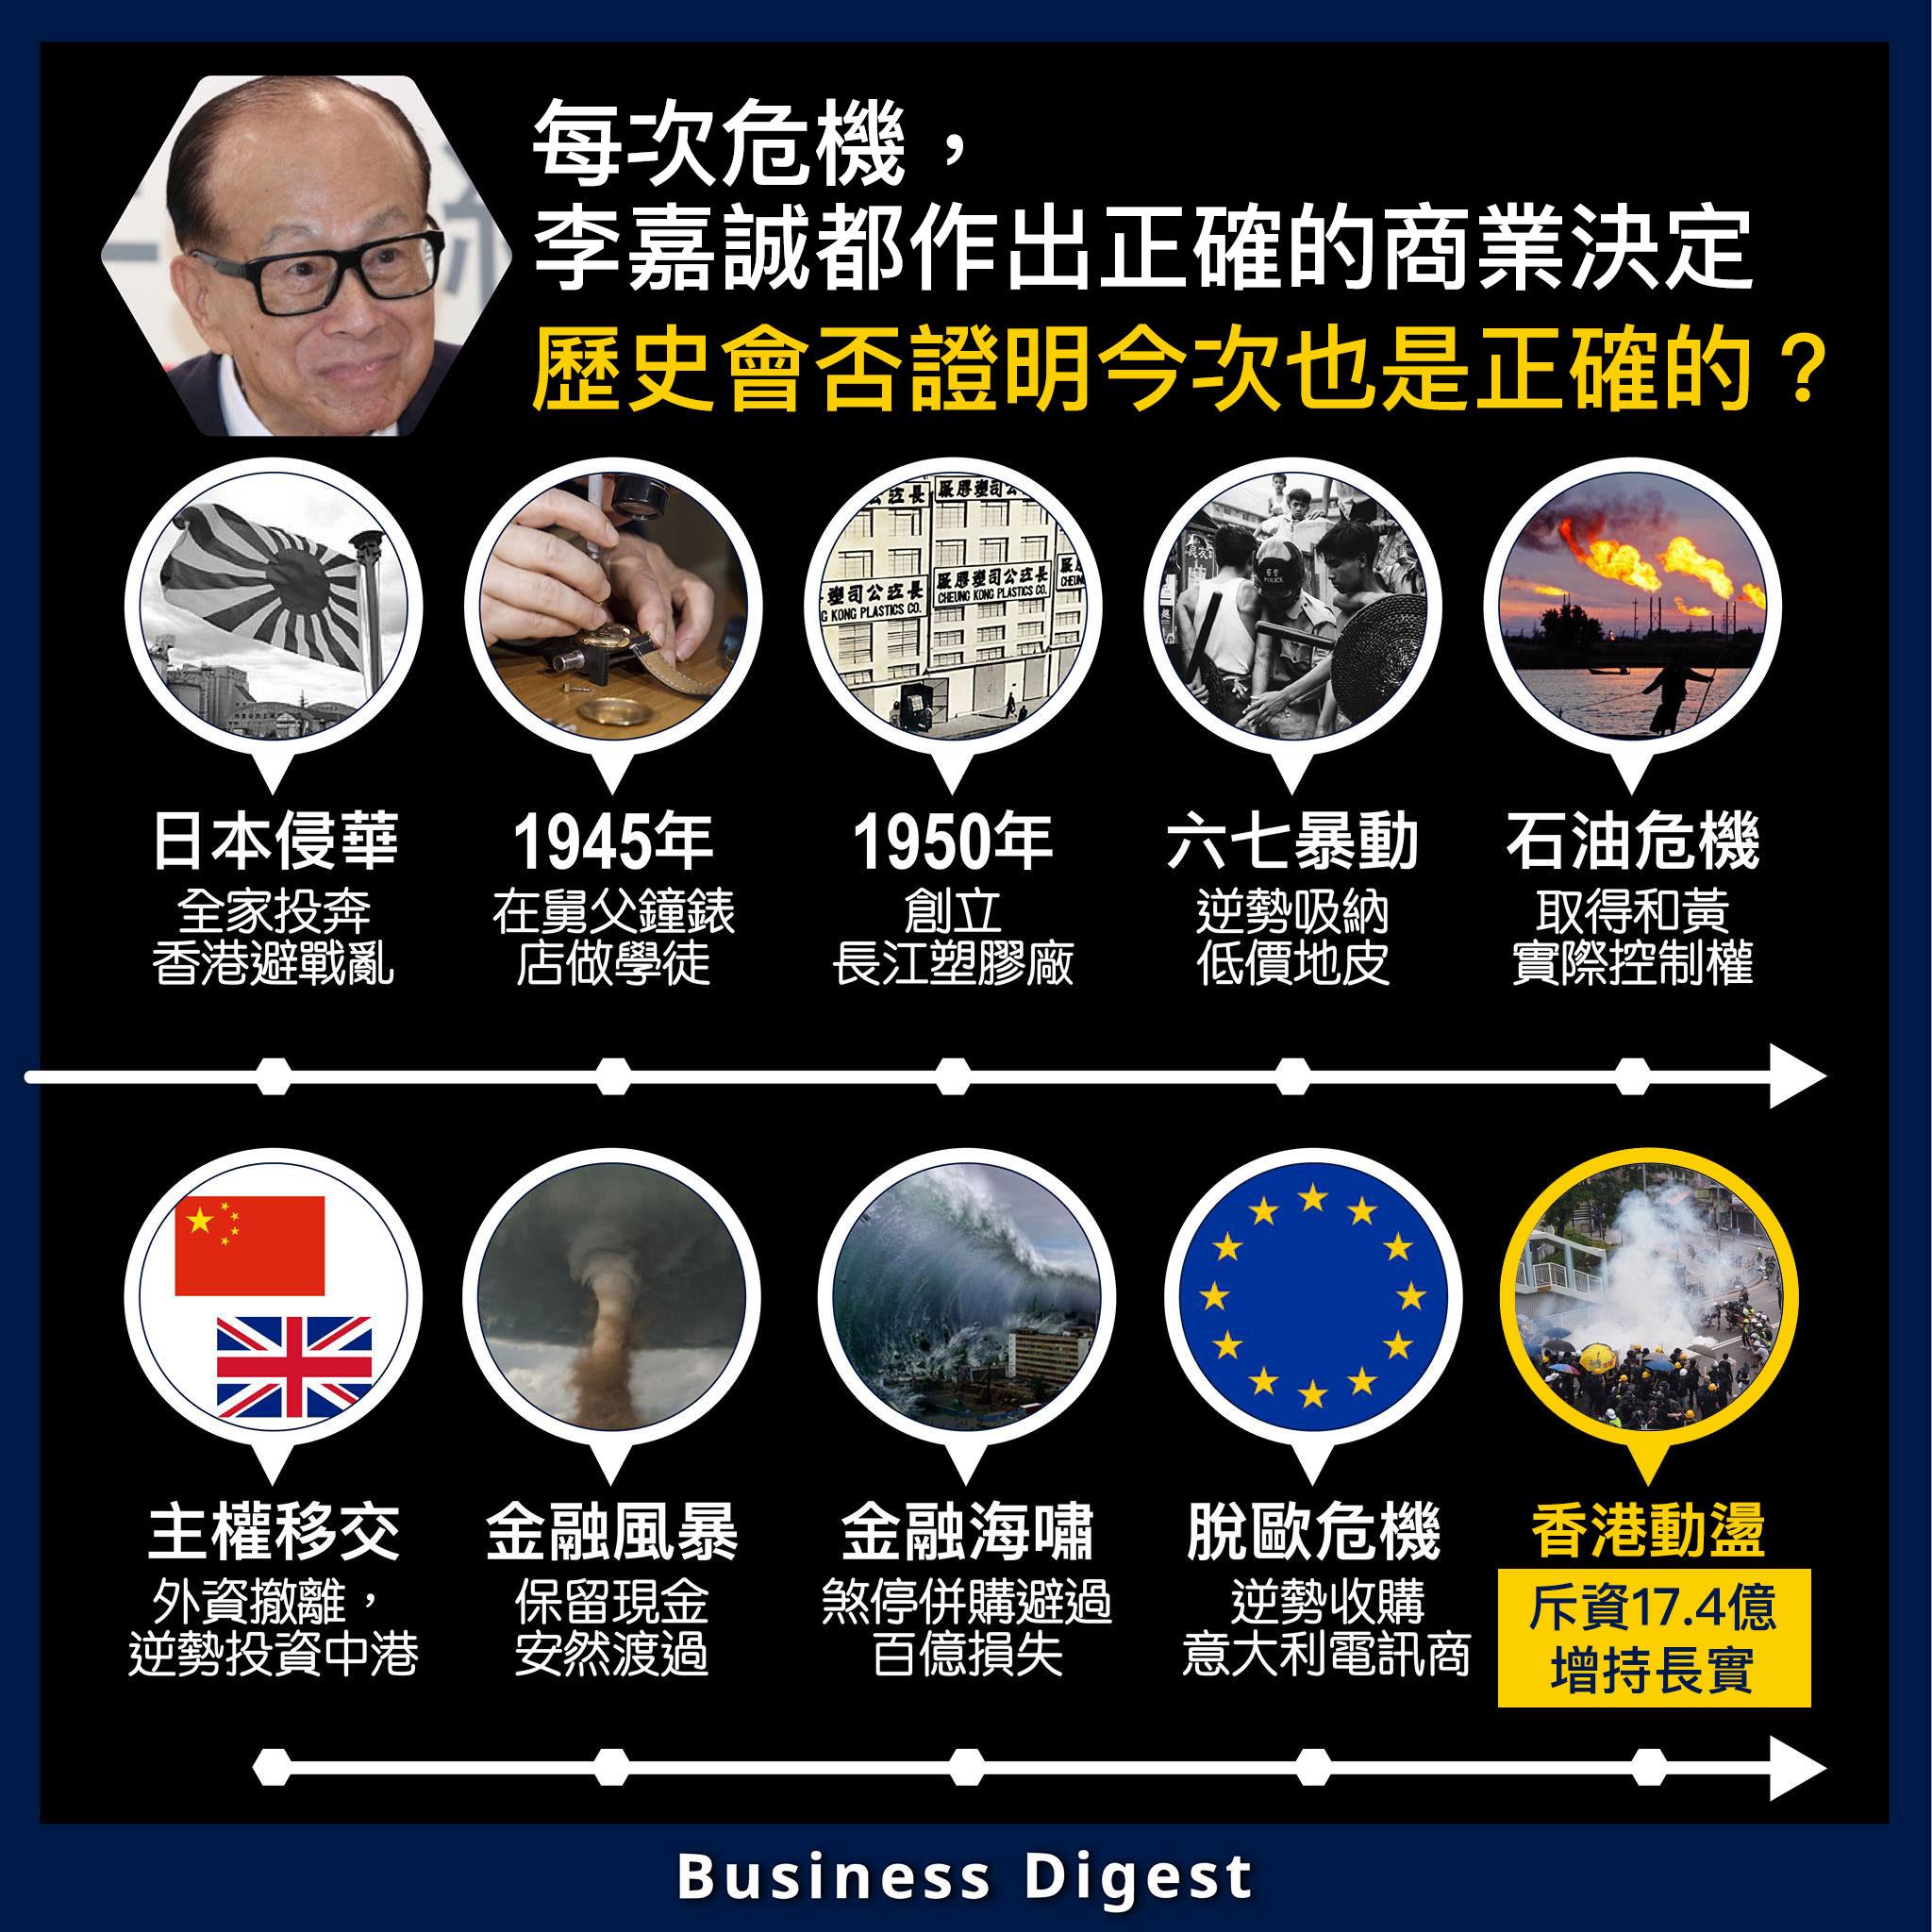 【商業智慧】每次危機,李嘉誠都作出正確的商業決定